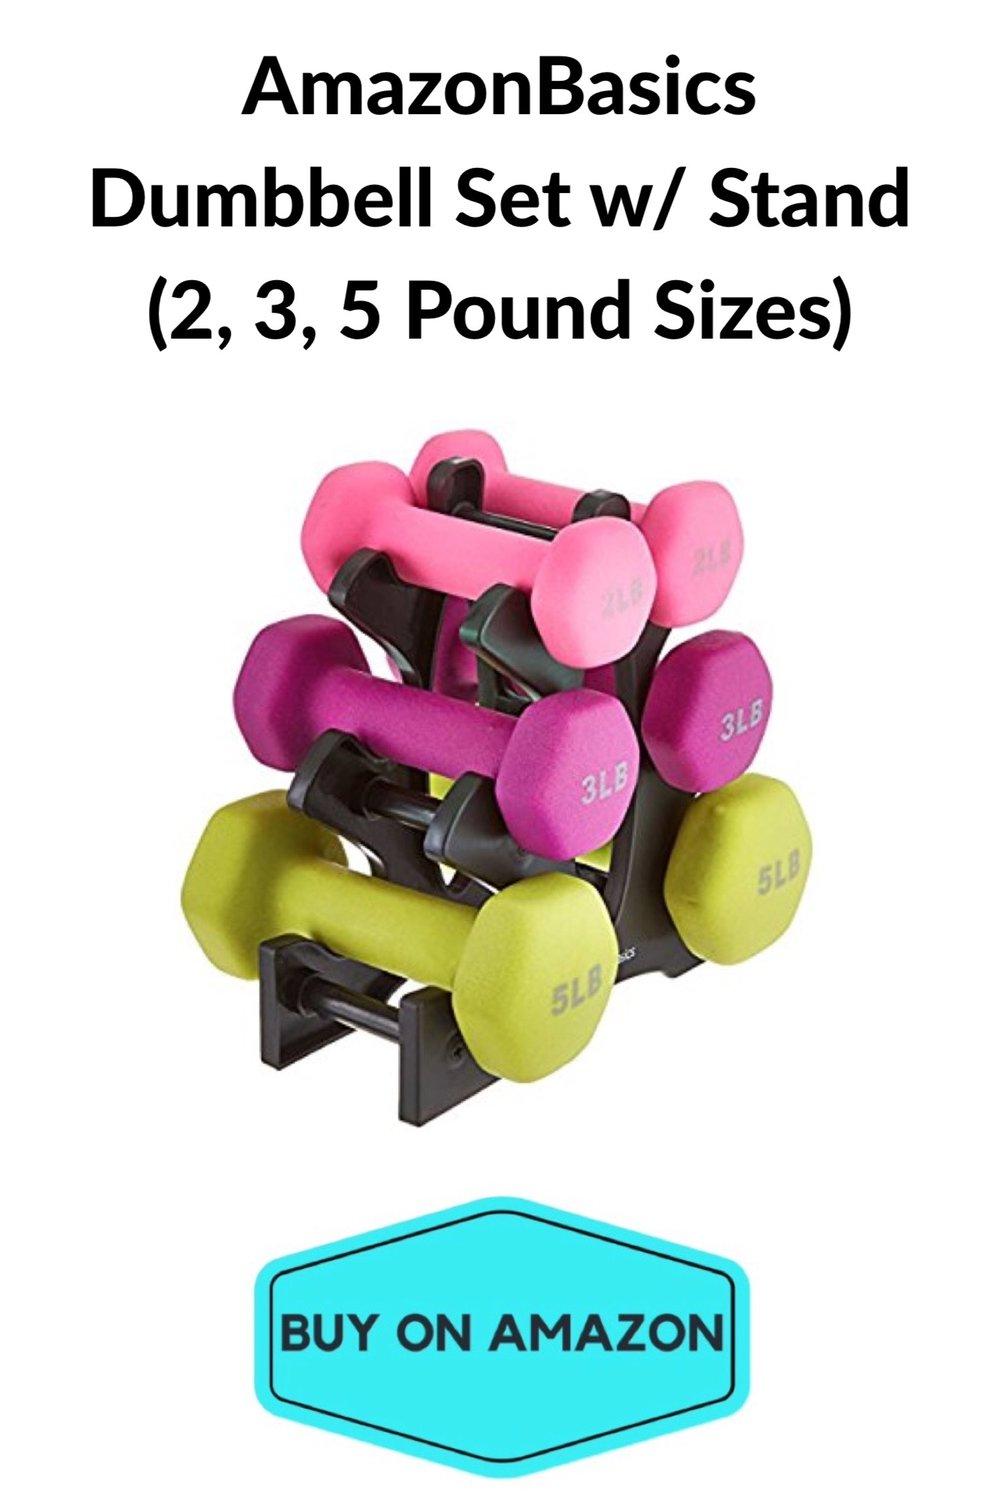 AmazonBasics 20 Pound Dumbbell Set w/ Stand